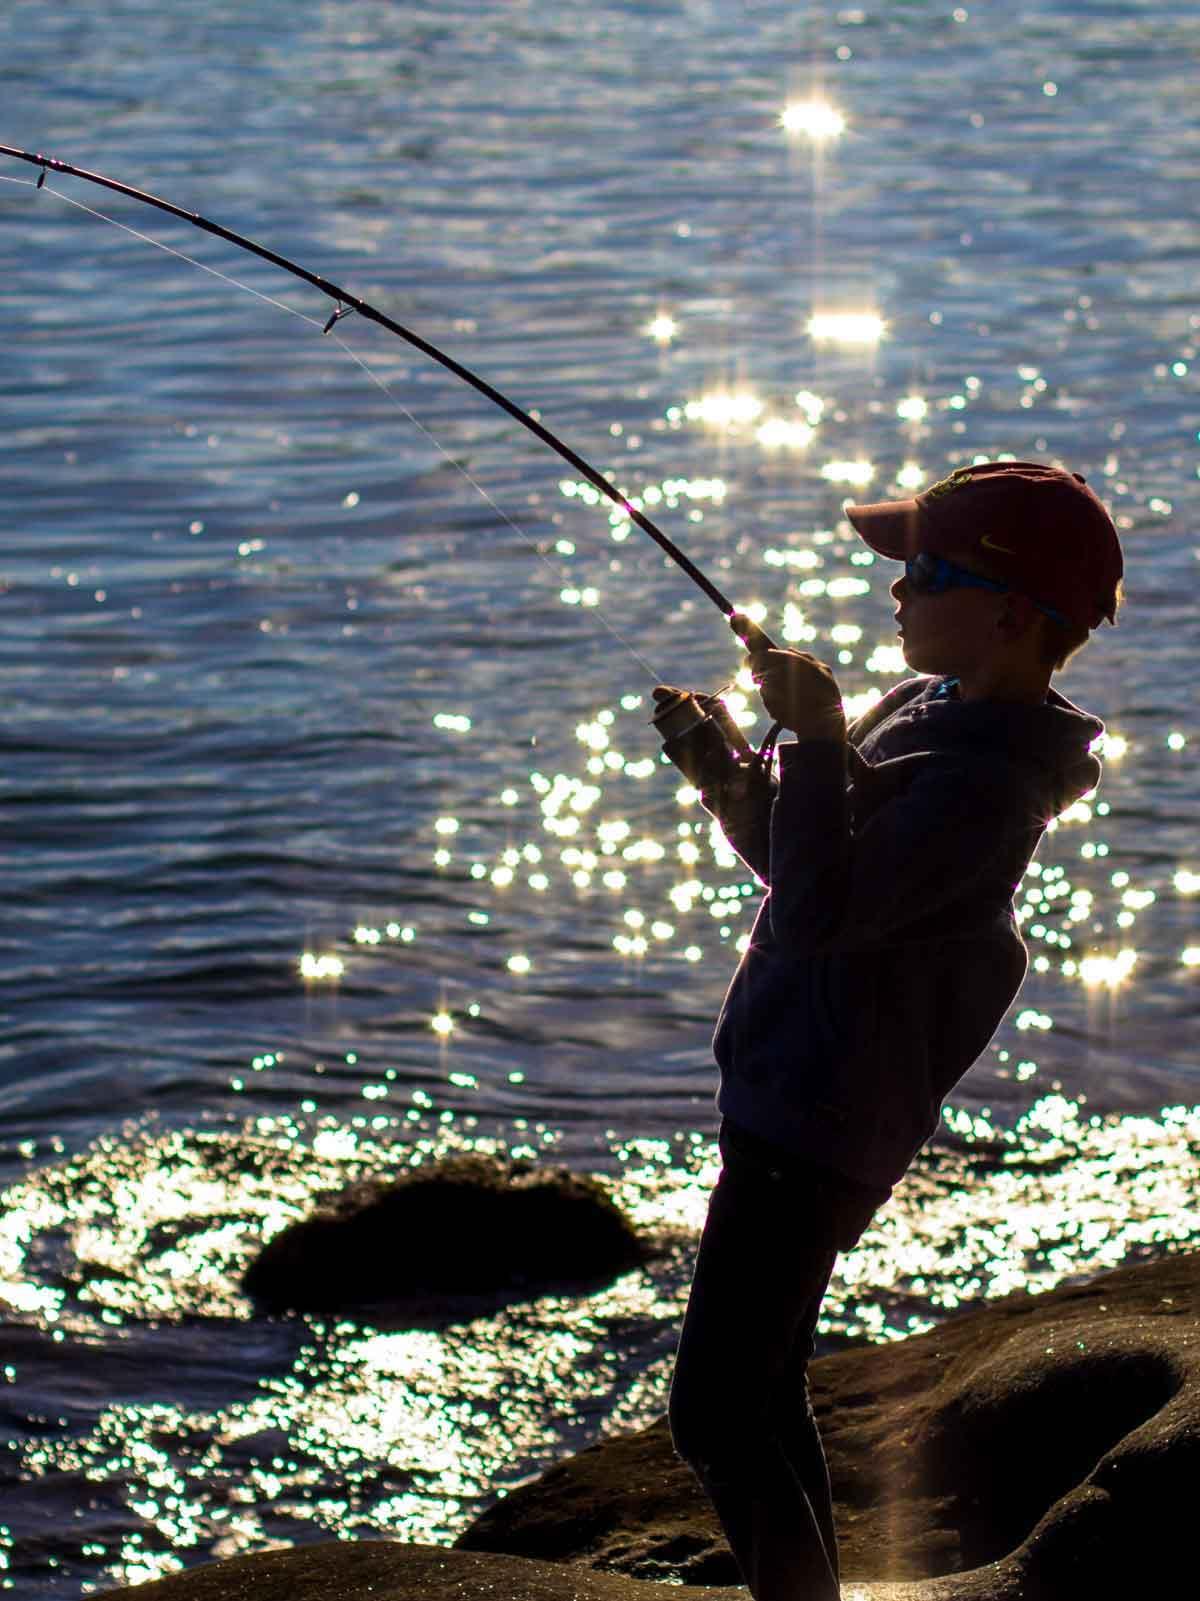 BEST KIDS FISHING POLES 2020